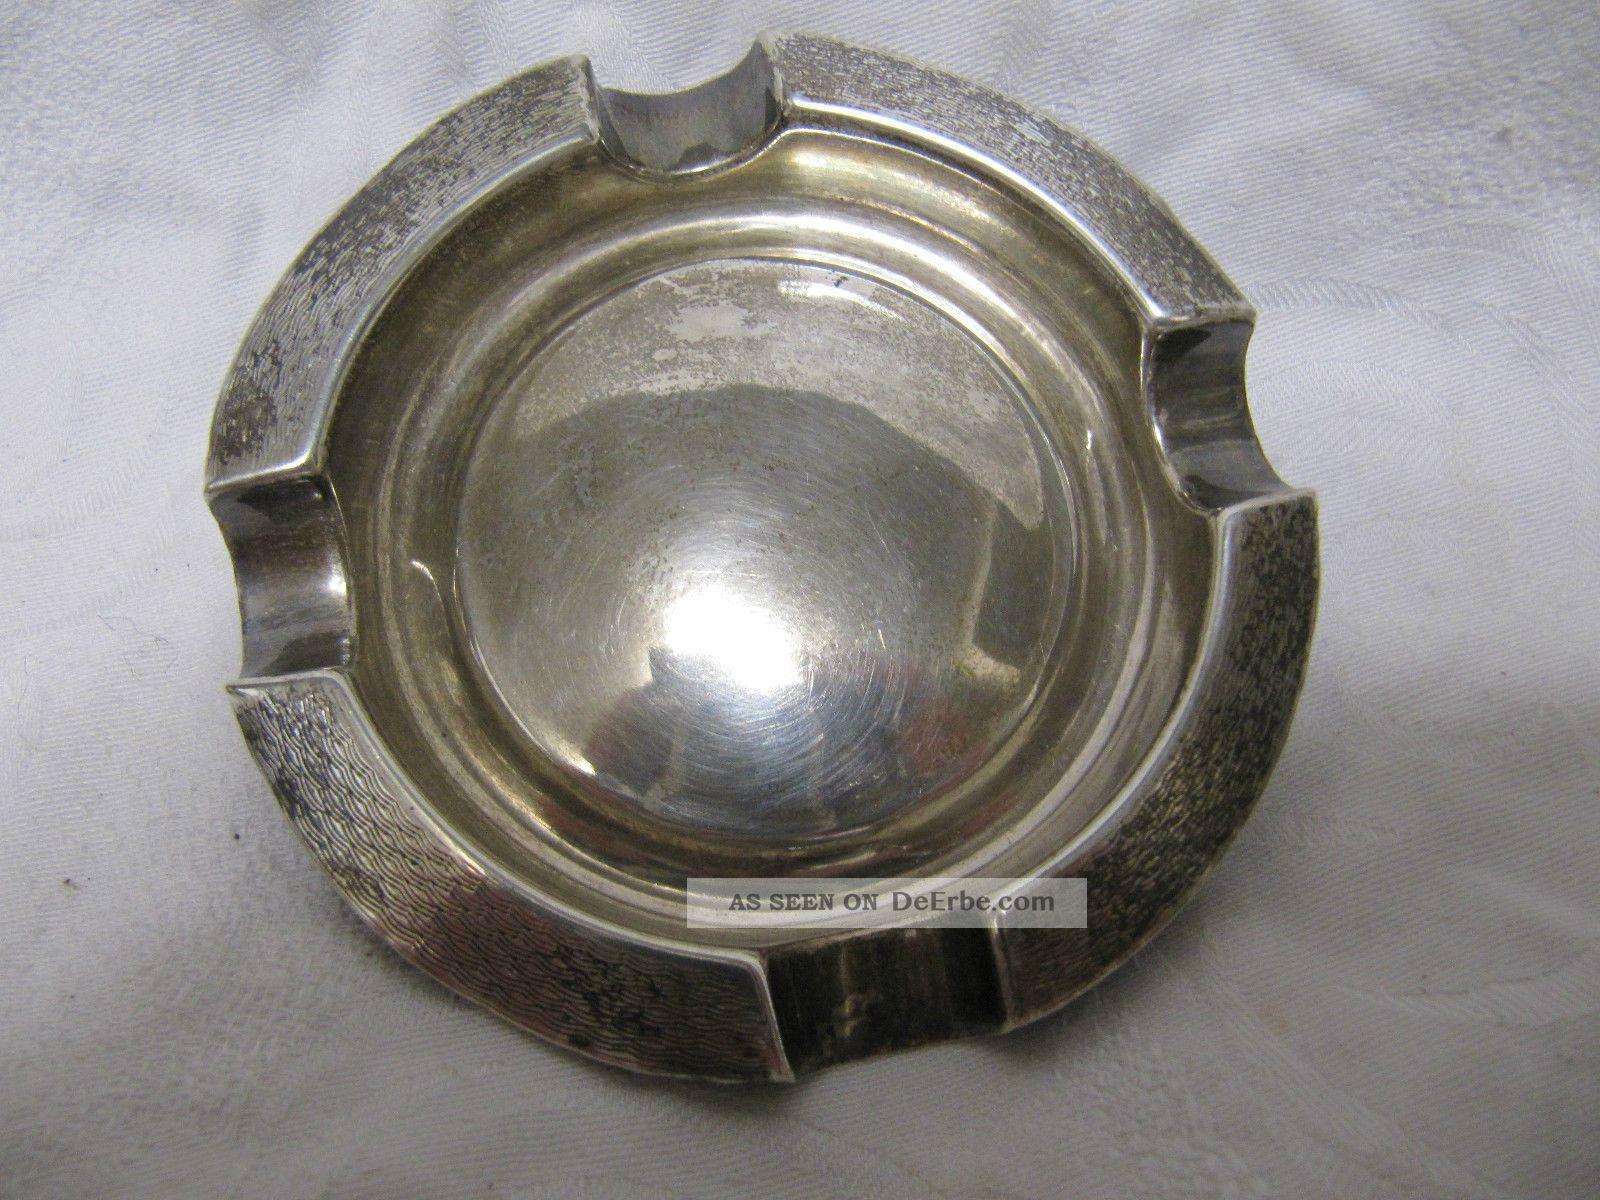 Silberascher Birmingham Chester 38 G Um 1920 - 30 Objekte vor 1945 Bild